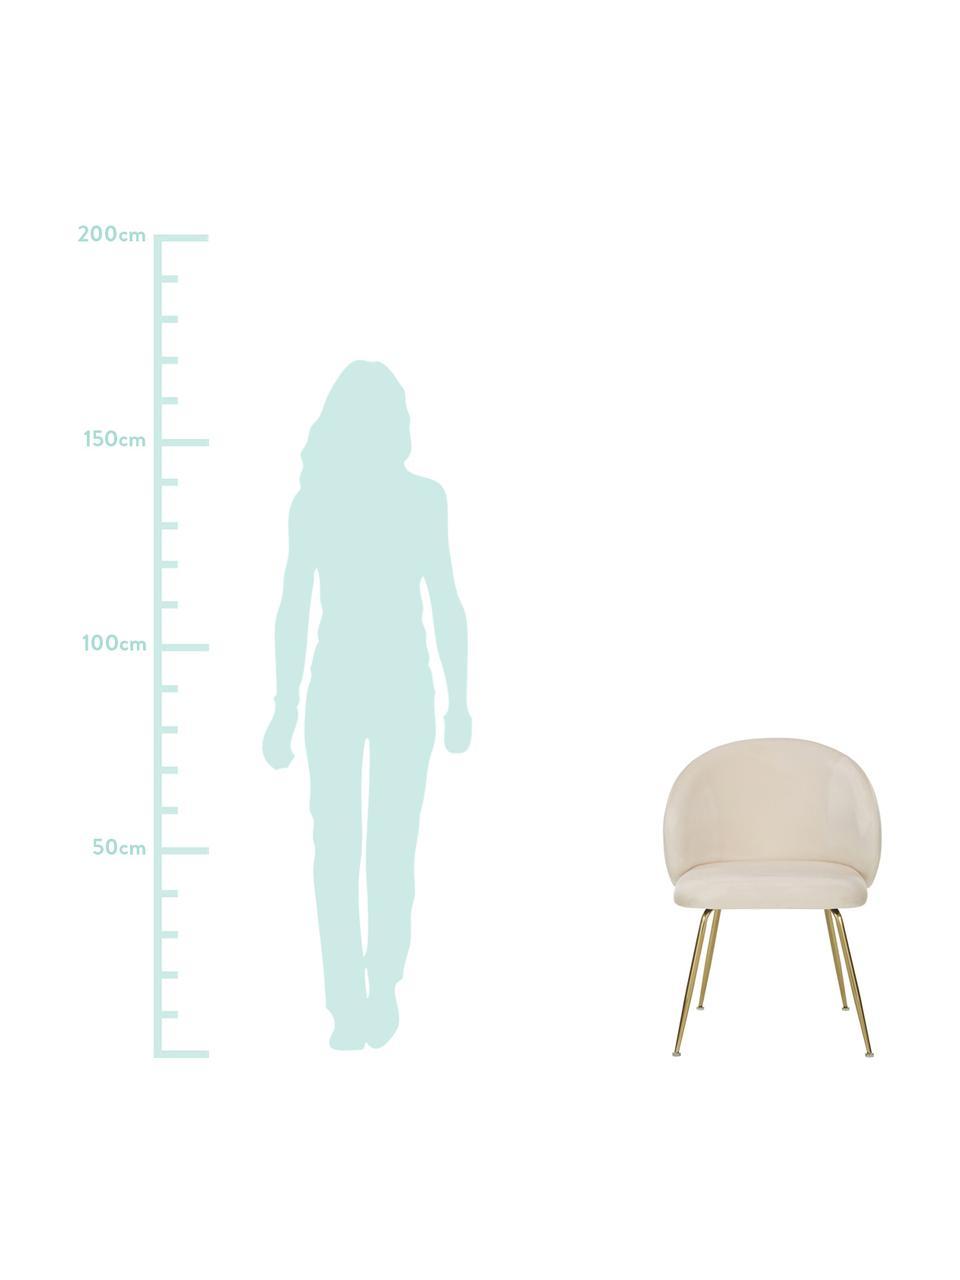 Fluwelen stoelen Luisa, 2 stuks, Poten: gelakt metaal, Fluweel crèmewit, goudkleurig, B 61 x D 58 cm